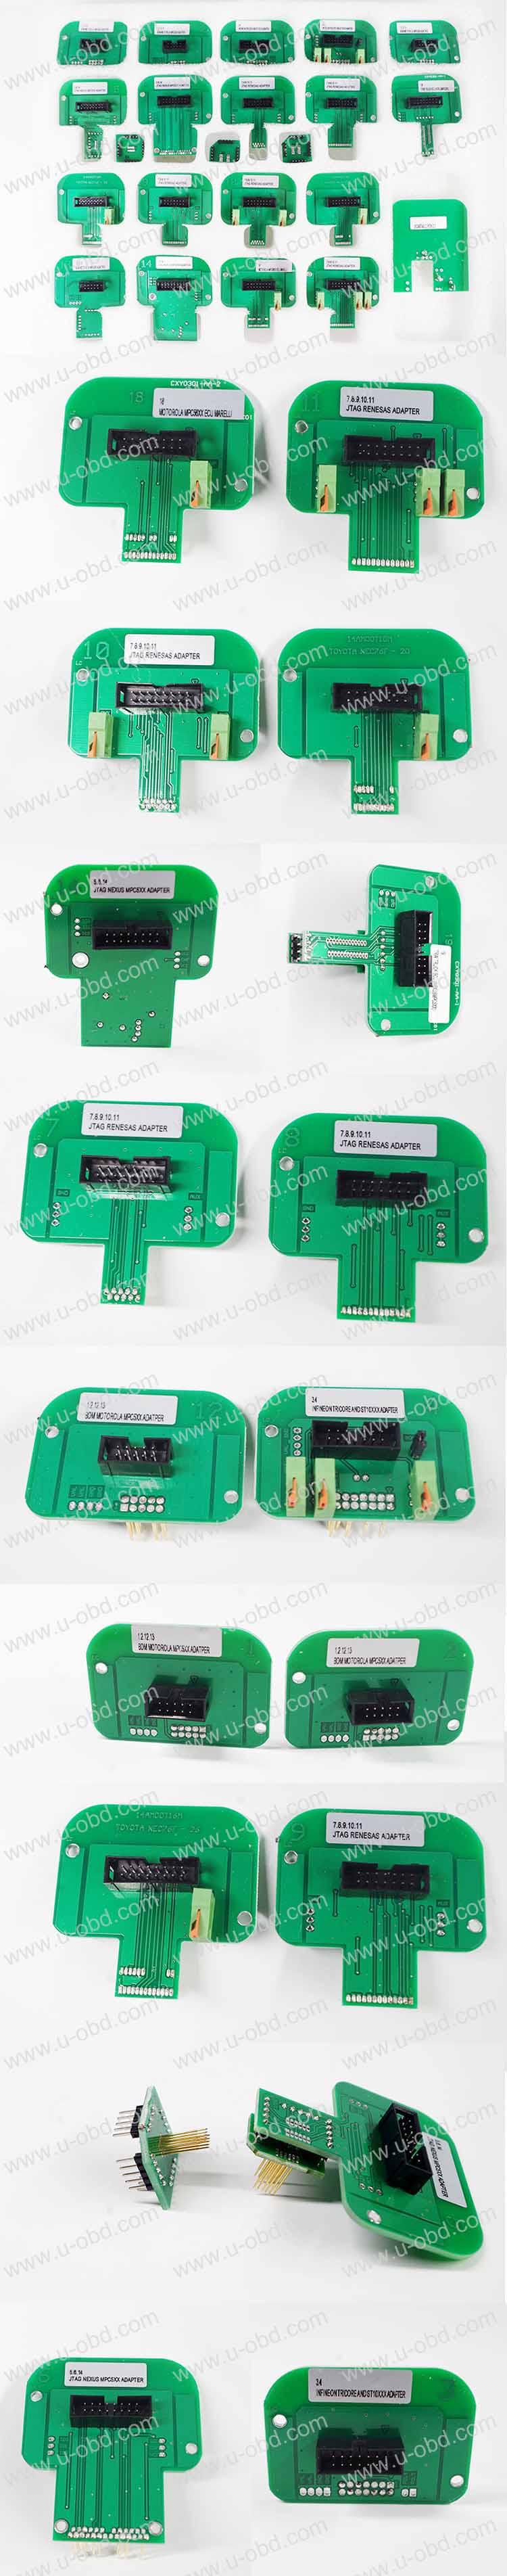 KTAG KESS KTM Dimsport BDM Probe Adapters